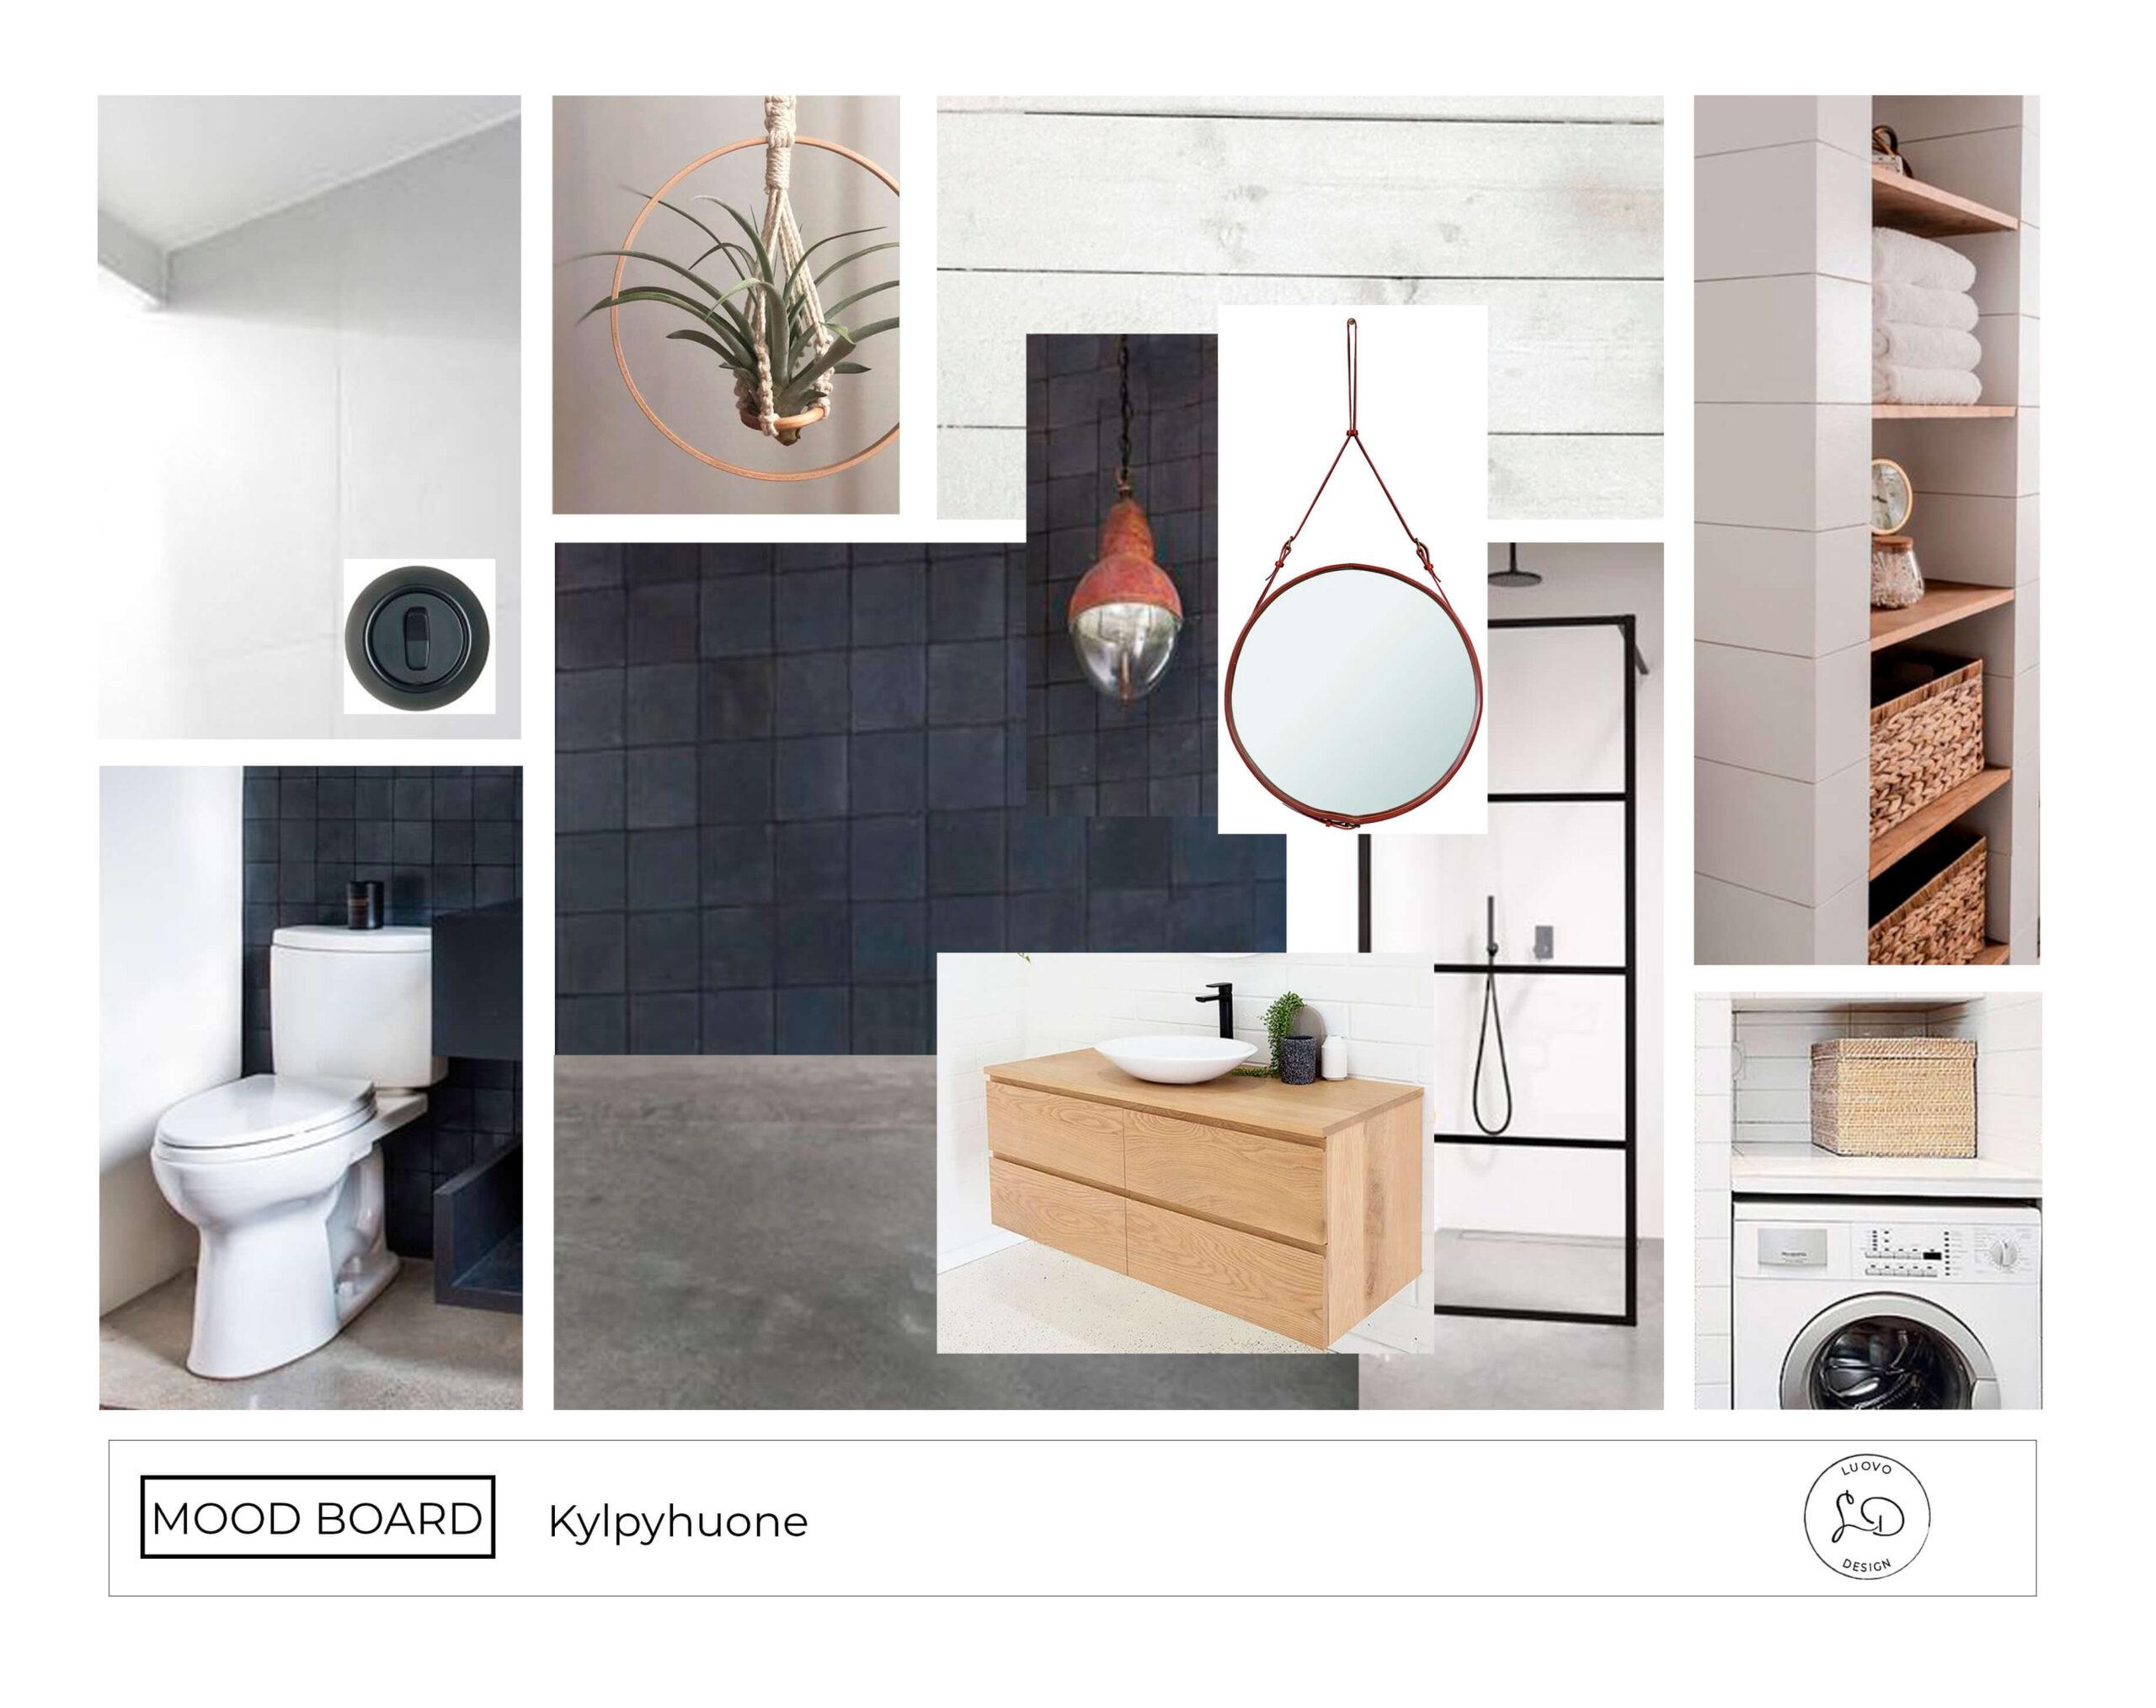 Sisustussuunnittelu kylpyhuone mood board